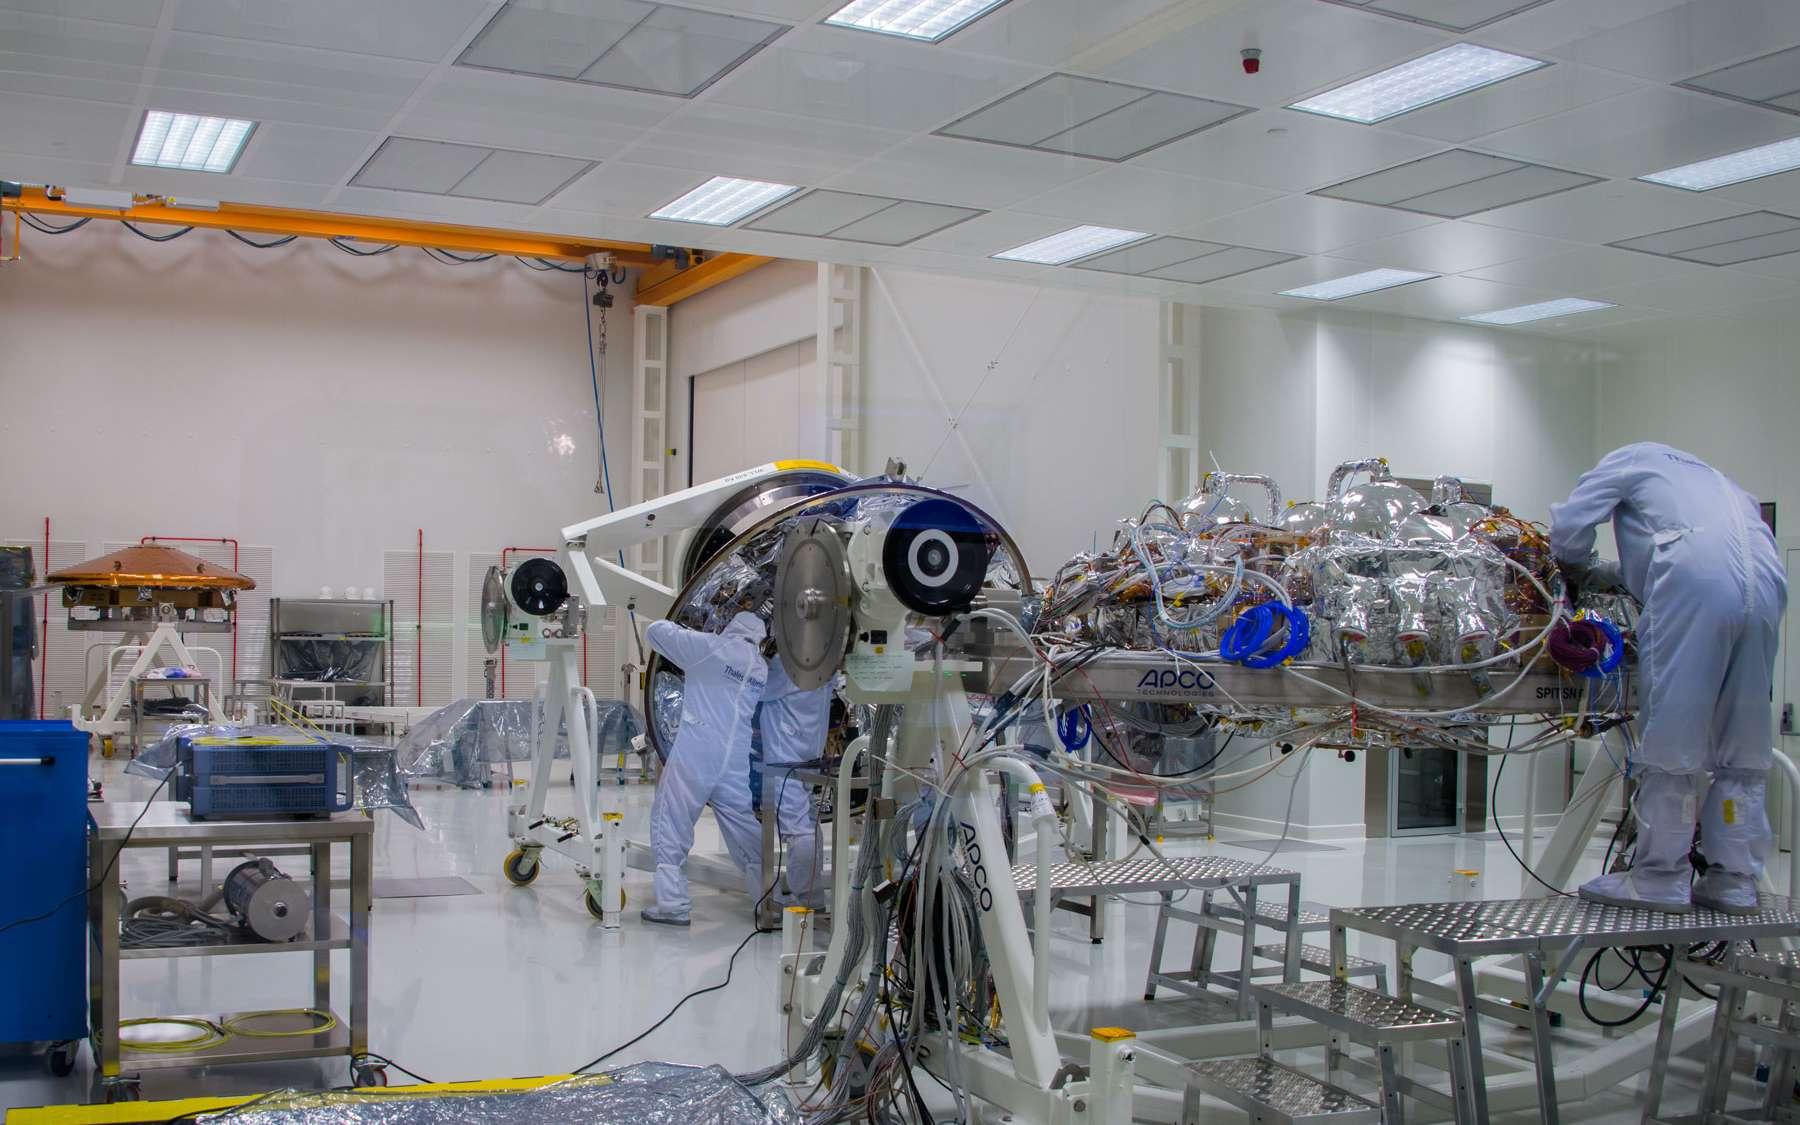 Dans l'usine turinoise de Thales Alenia Space en Italie, on s'affaire autour des trois éléments de la capsule Schiaparelli (EDM) qui se posera sur la surface de Mars en 2016. Au premier plan, la plateforme qui supporte les instruments et, derrière, les deux parties du bouclier qui la protégeront pendant la traversée de l'atmosphère martienne. © Rémy Decourt